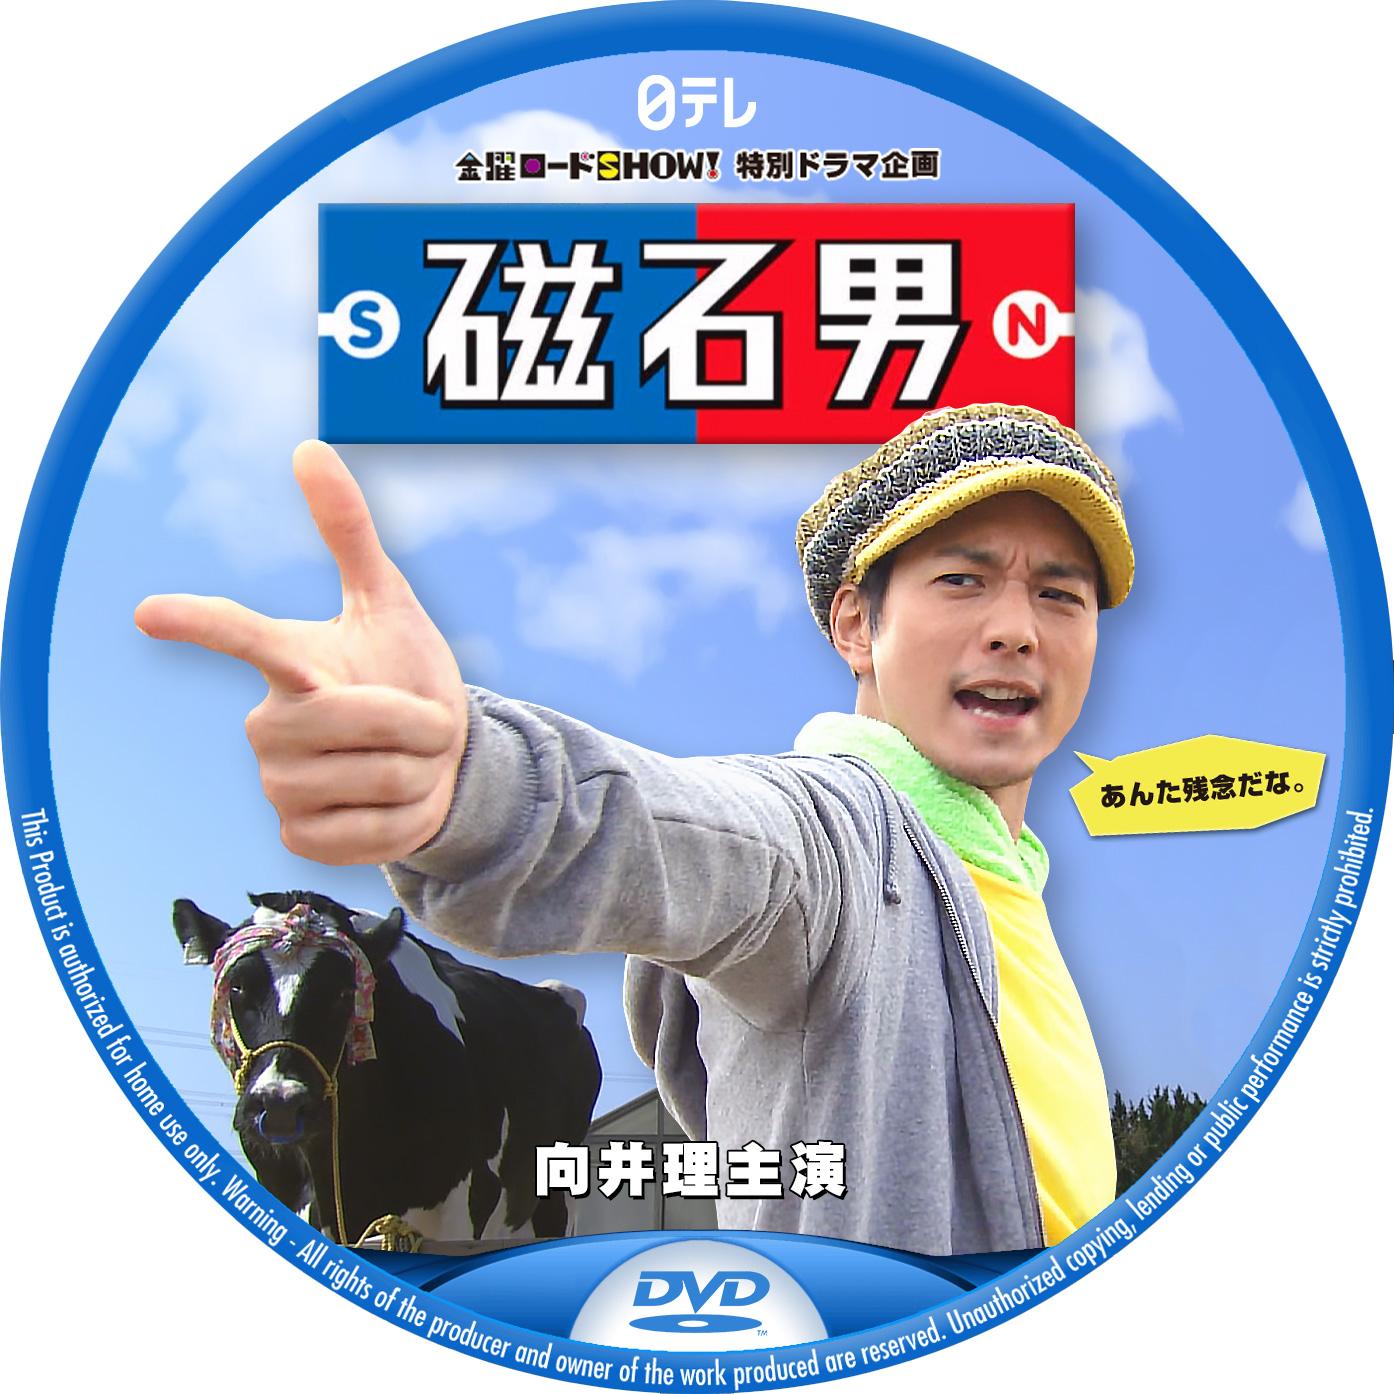 磁石男 向井理 DVD ラベル